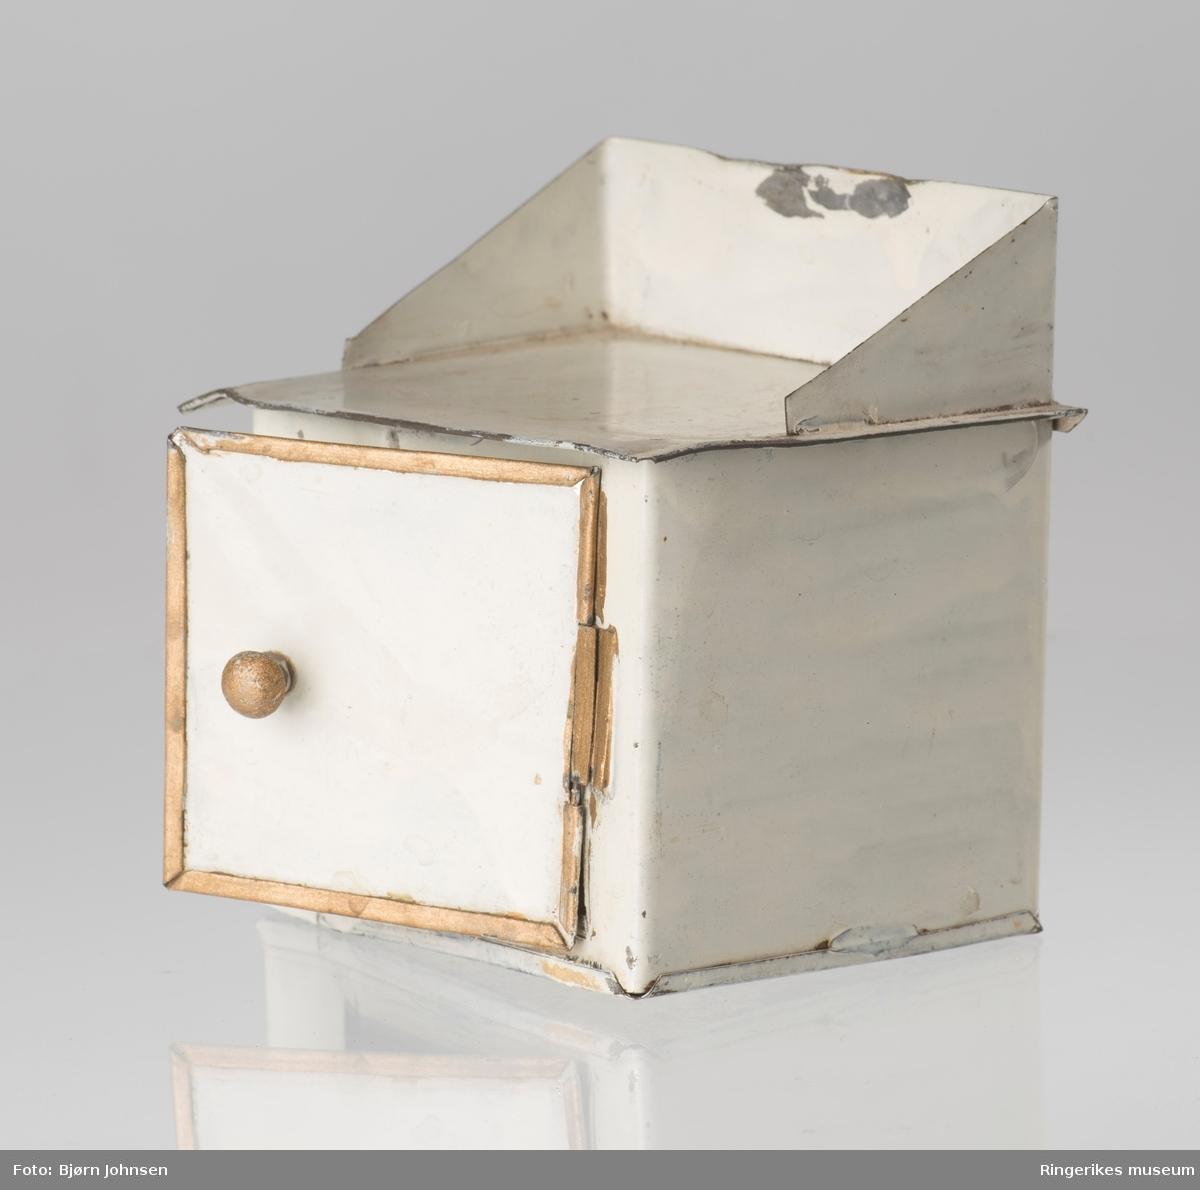 Dukkeutstyr, gryteskap som skulle stå nær komfyren. Rektangulær, mot kvadratisk med topplate, skrådd ryggplate og dør i front til å åpne. Liten dreibar knapp på skapdøren, stort rom innvendig. .